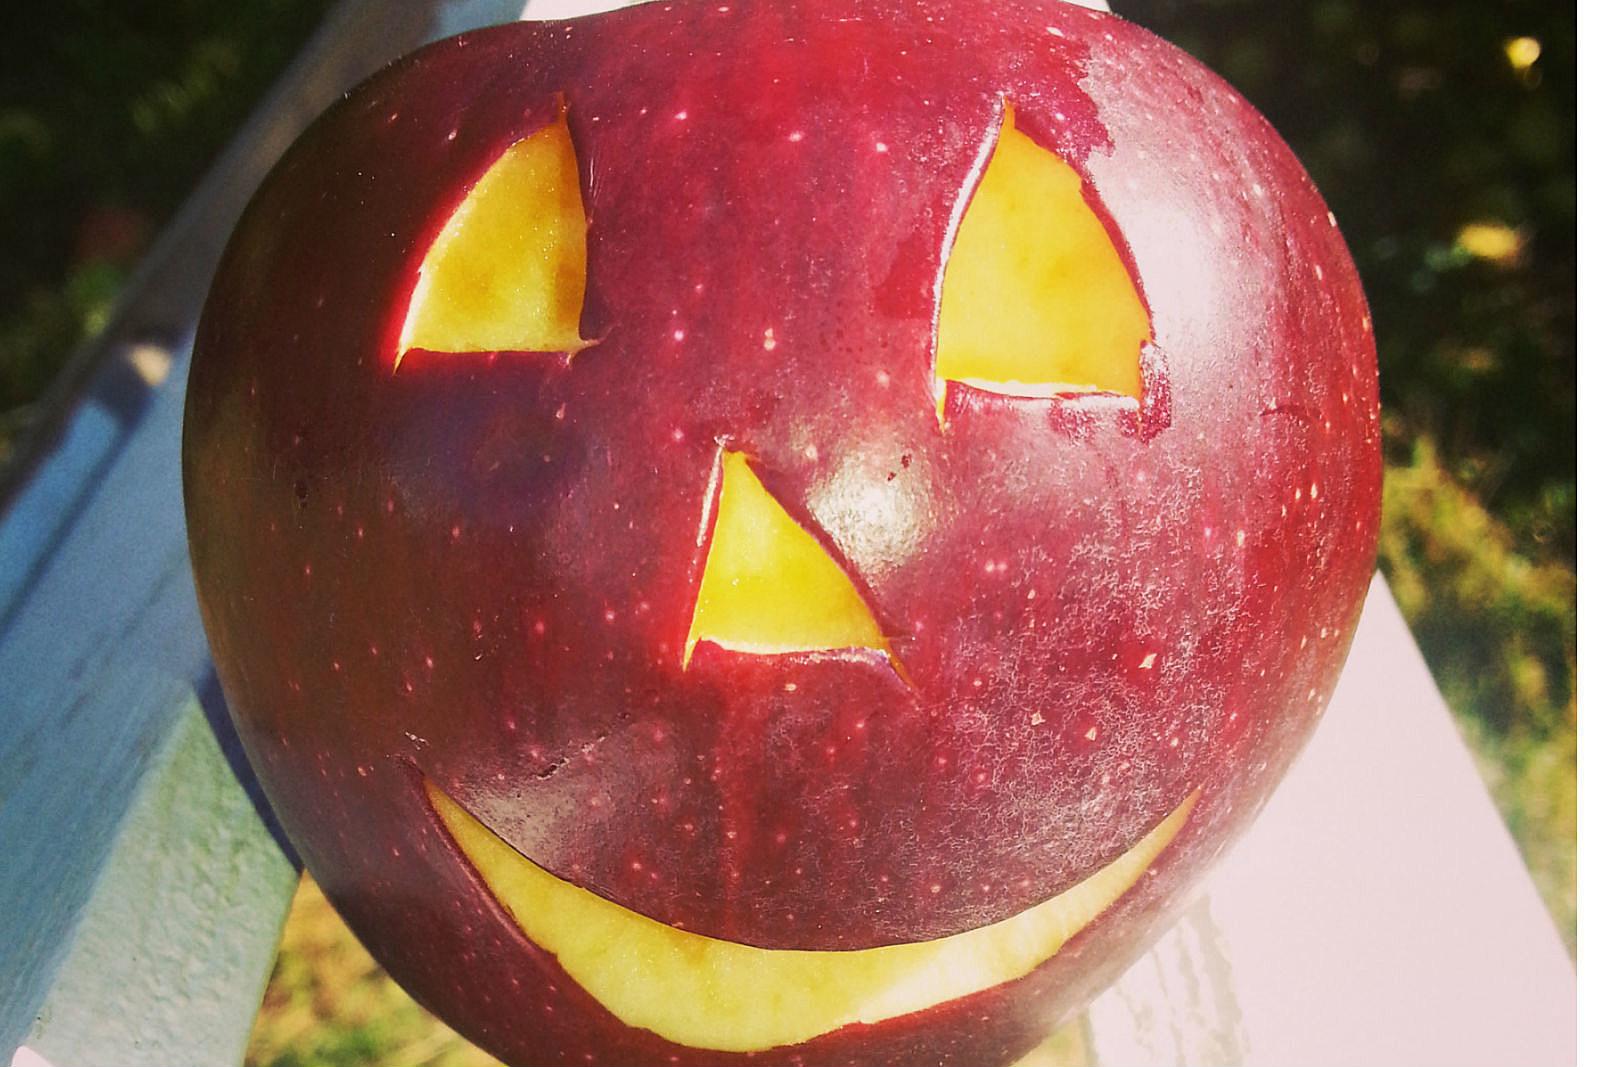 NJ Apple Jack O Lantern